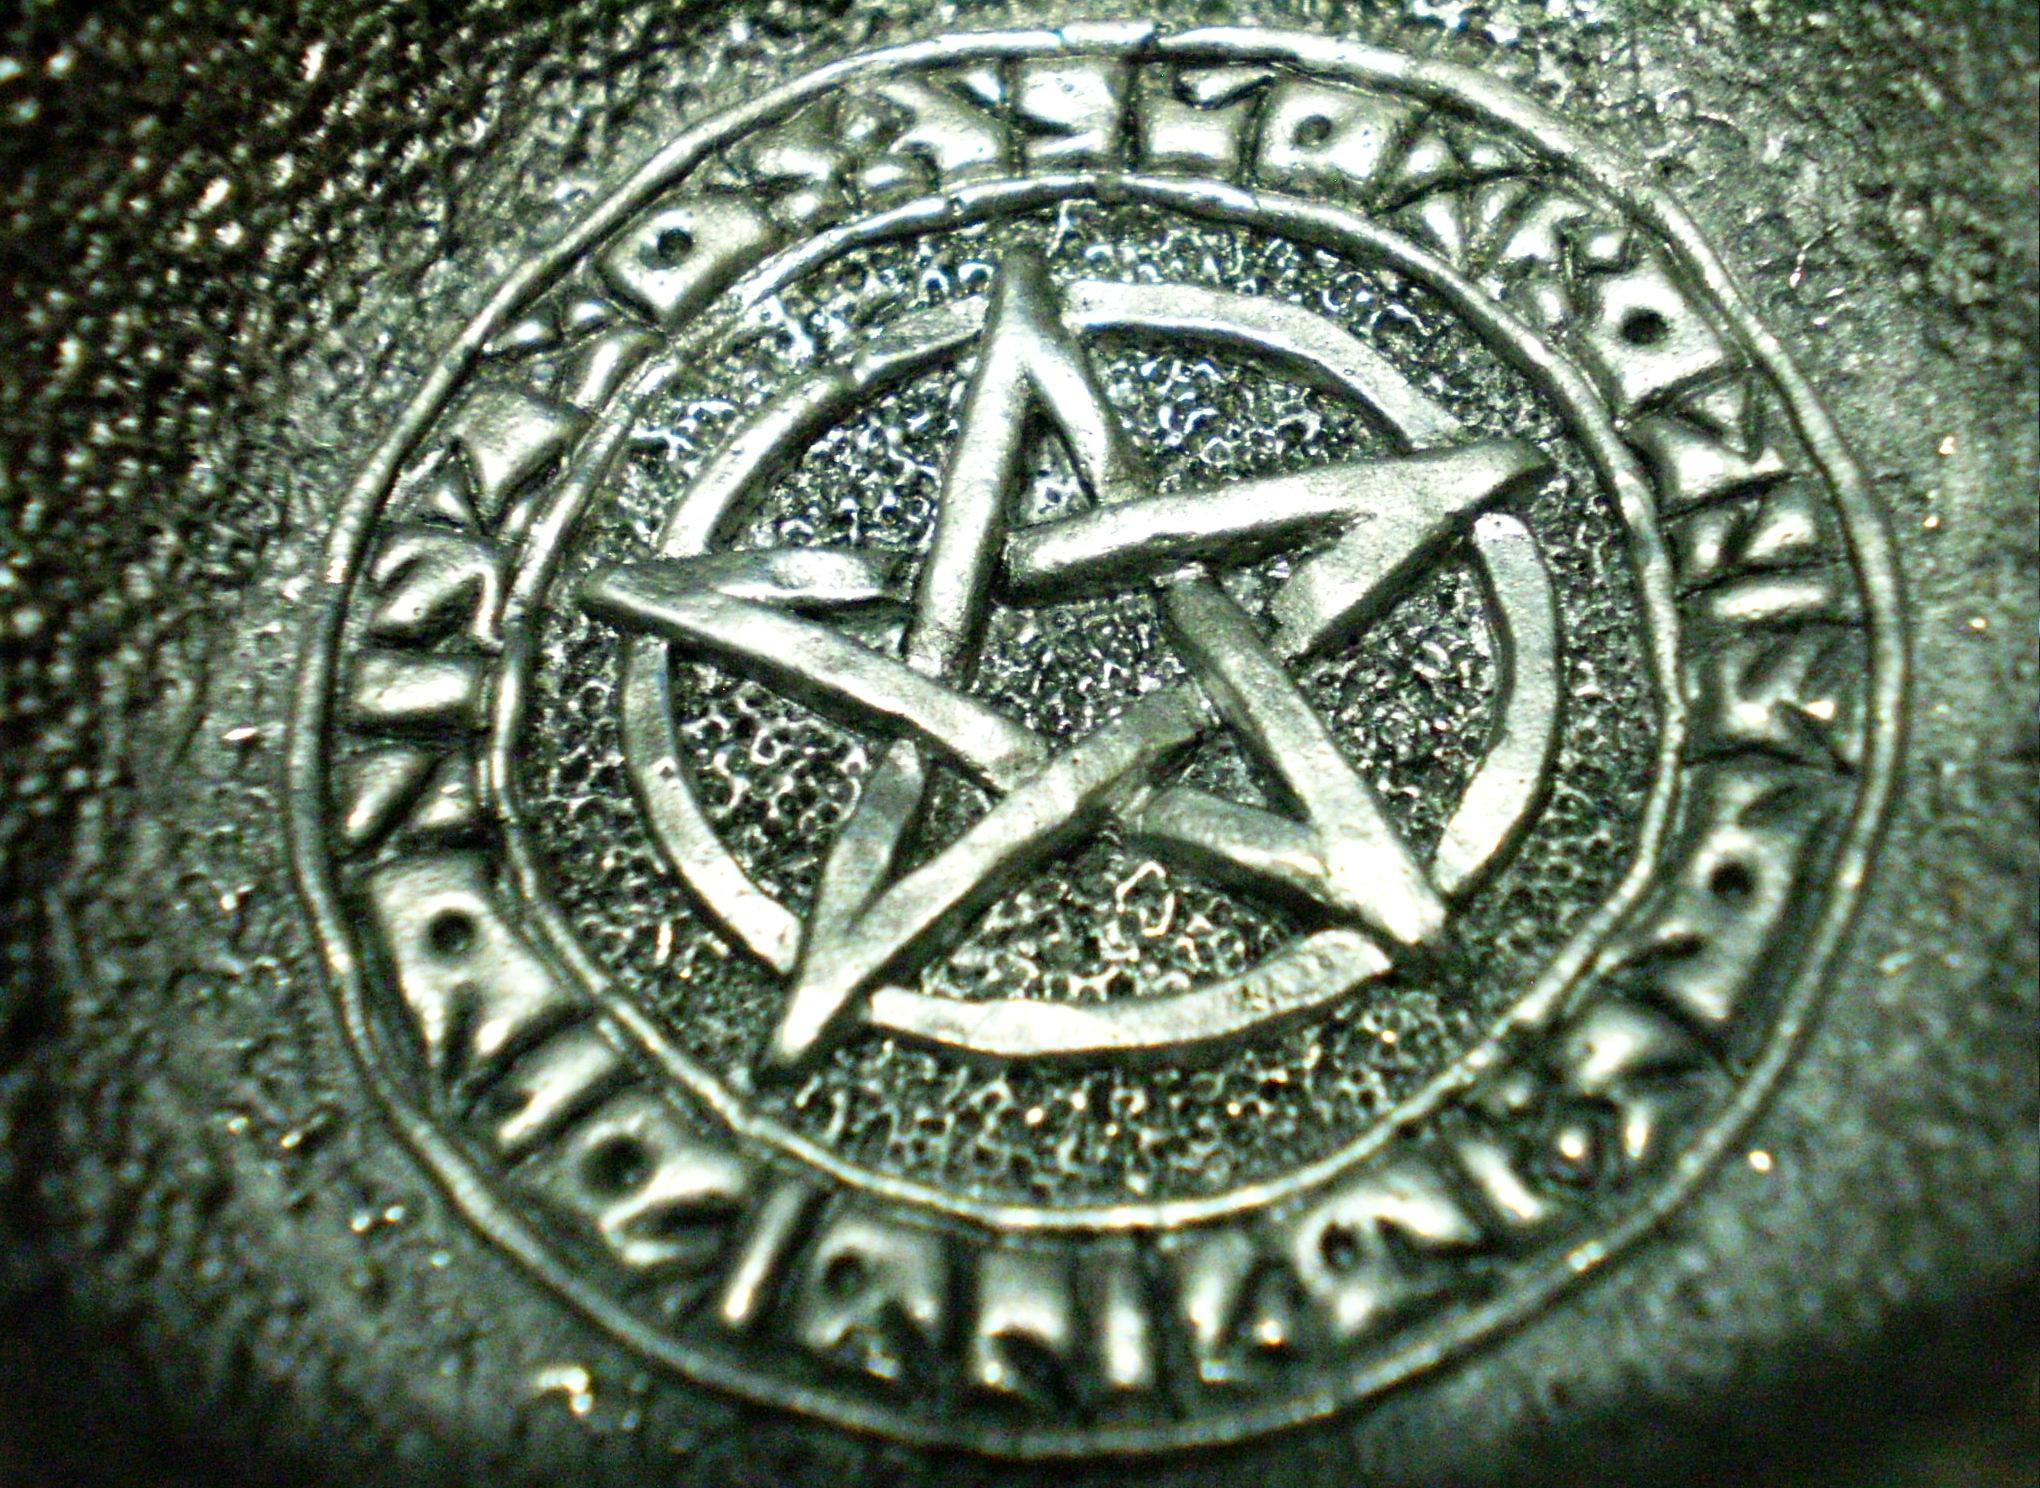 Happy Wicca Day? – Preacherpollard's Blog